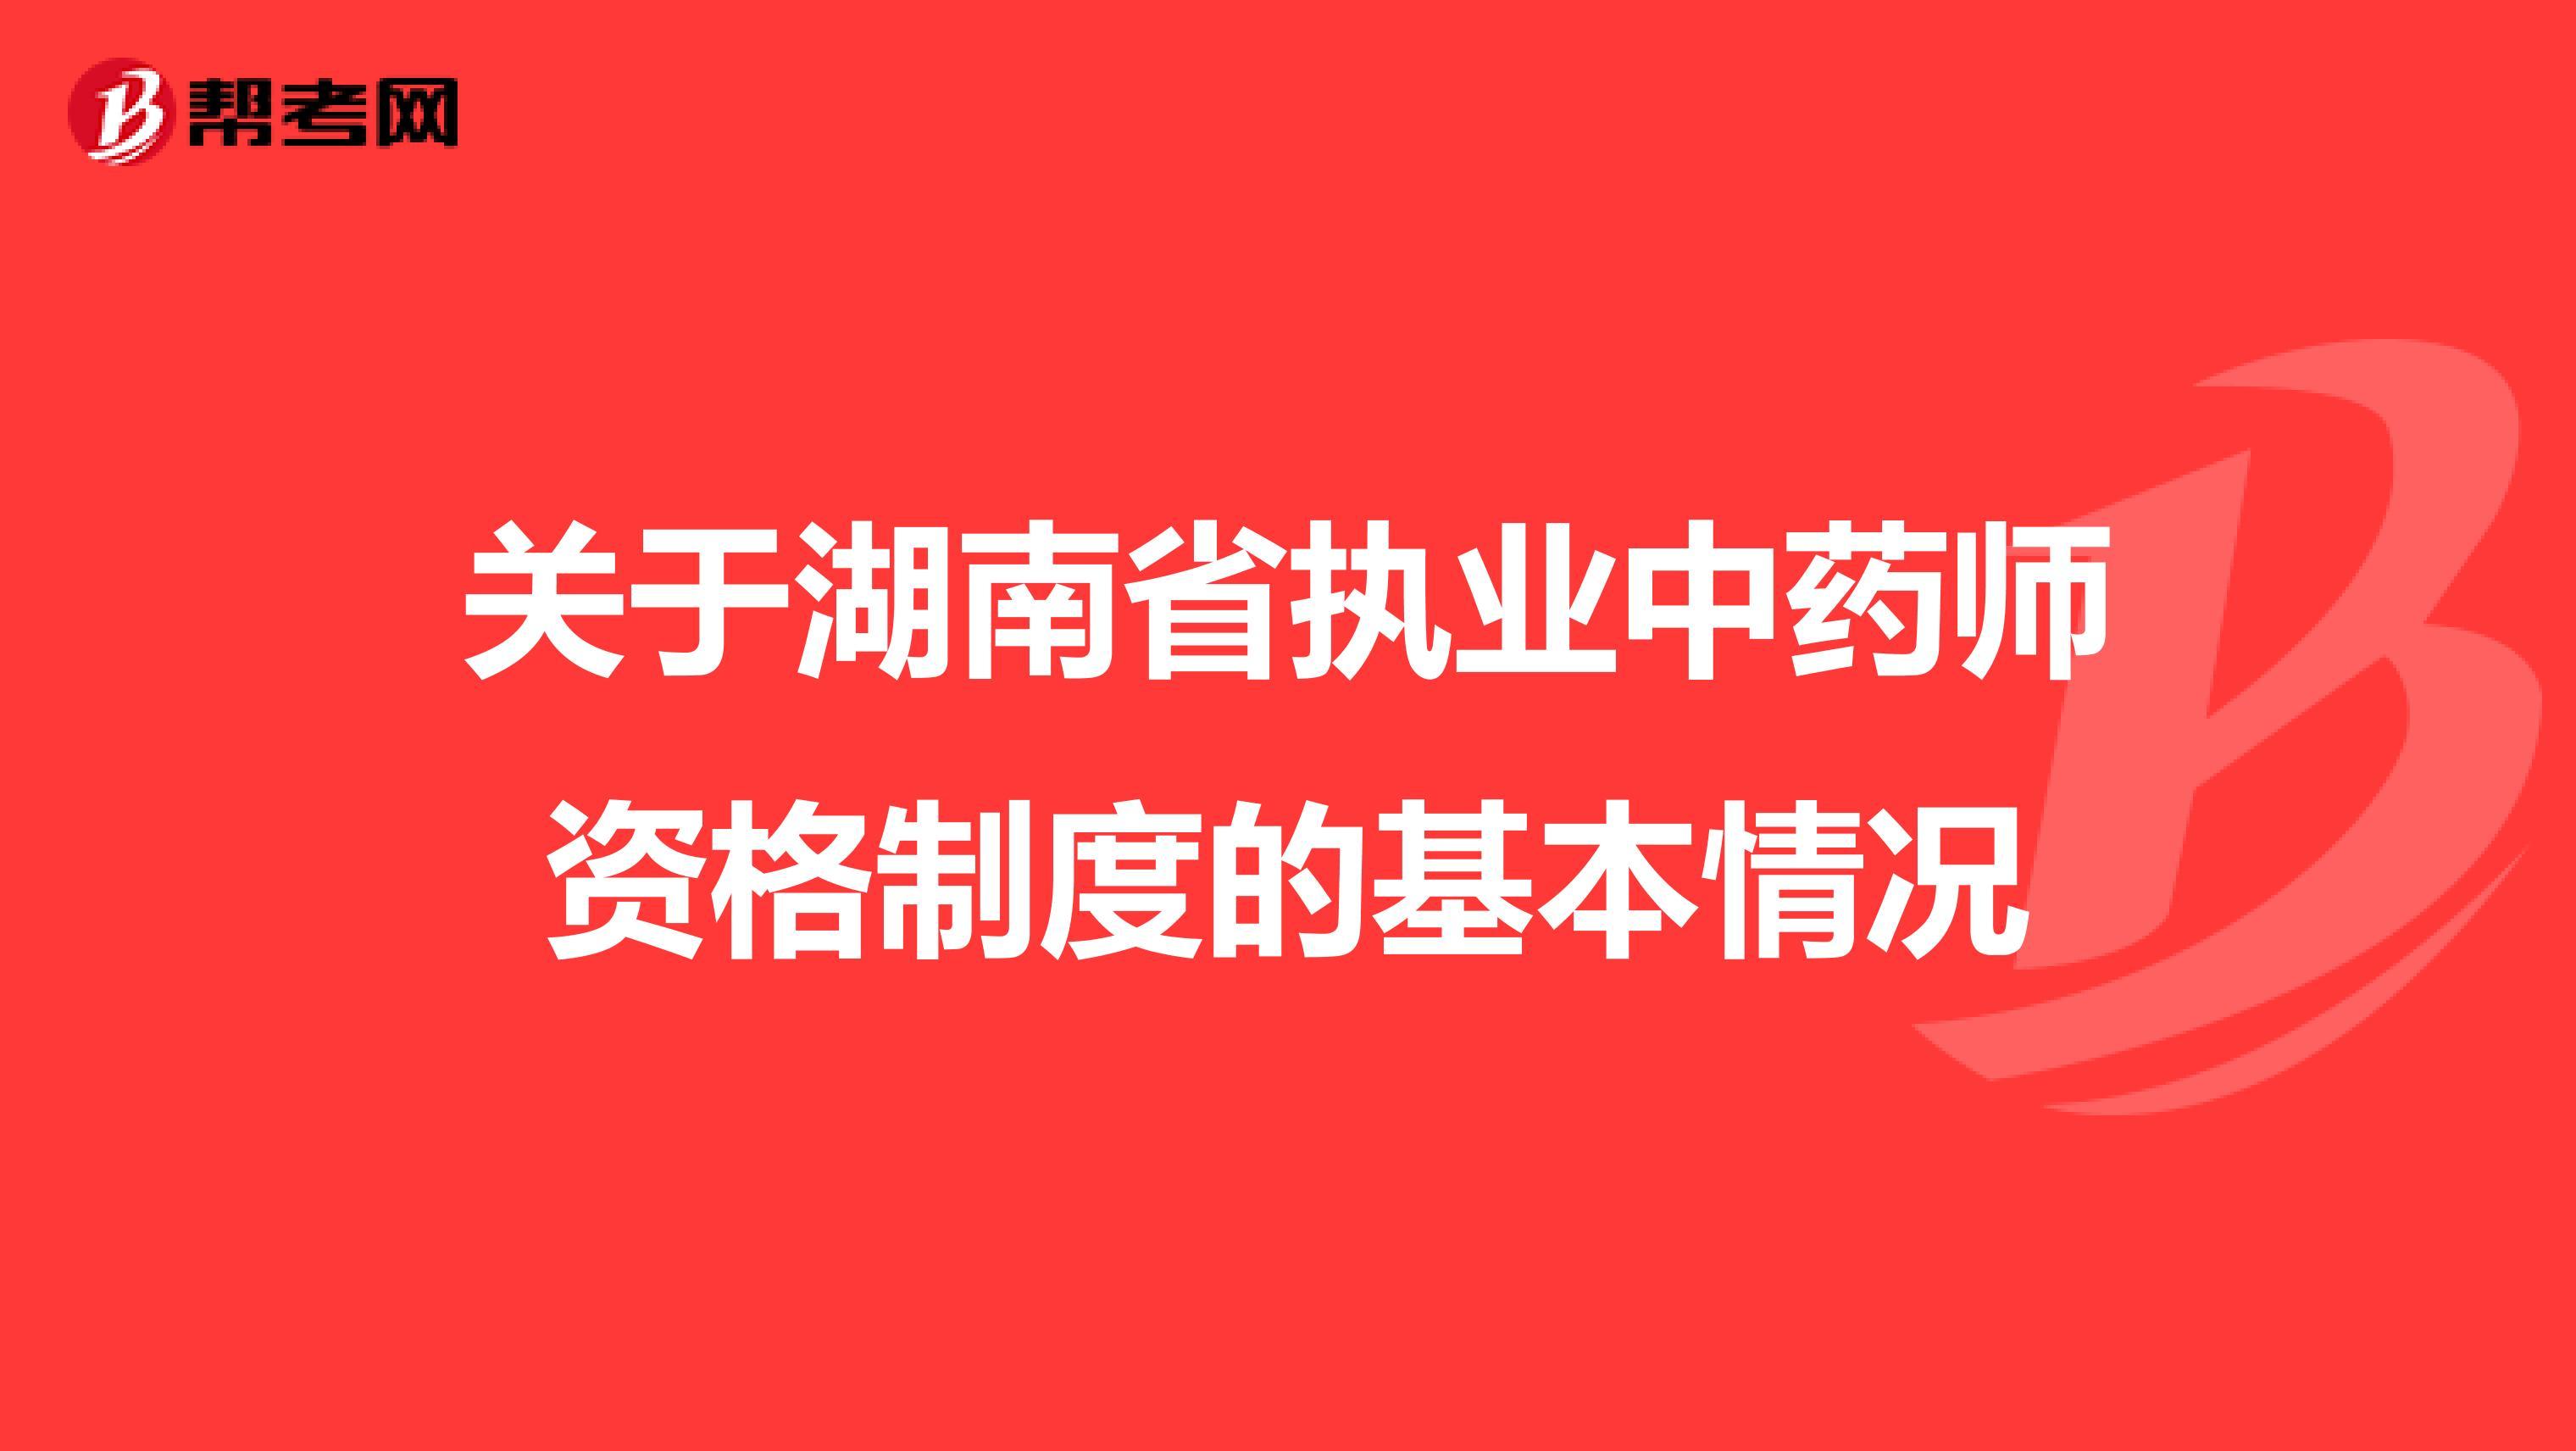 關于湖南省執業中藥師資格制度的基本情況